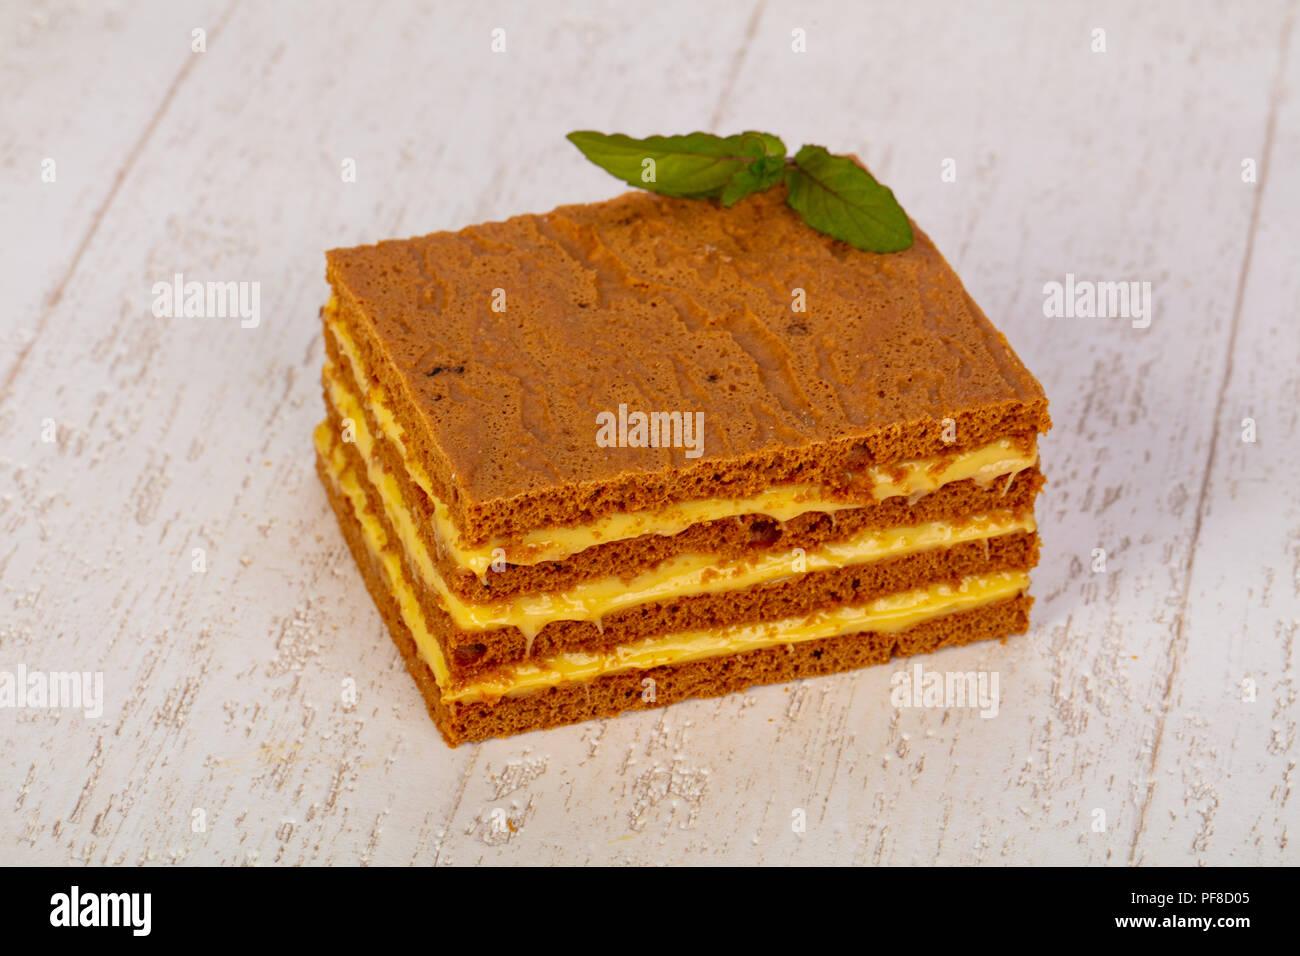 Lecker Honig Kuchen Russische Medovik Stockfoto Bild 215930069